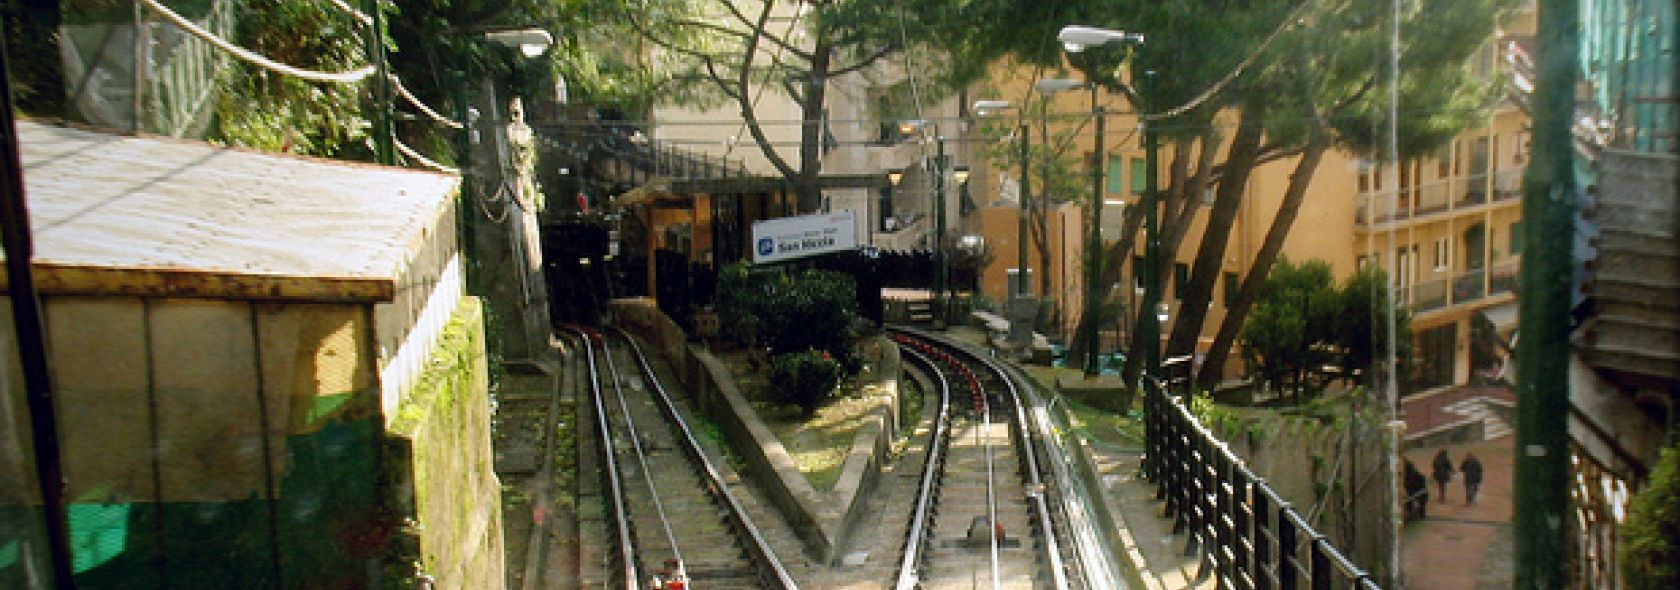 Öffentliche Verkehrsmittel | Visitgenoa.it